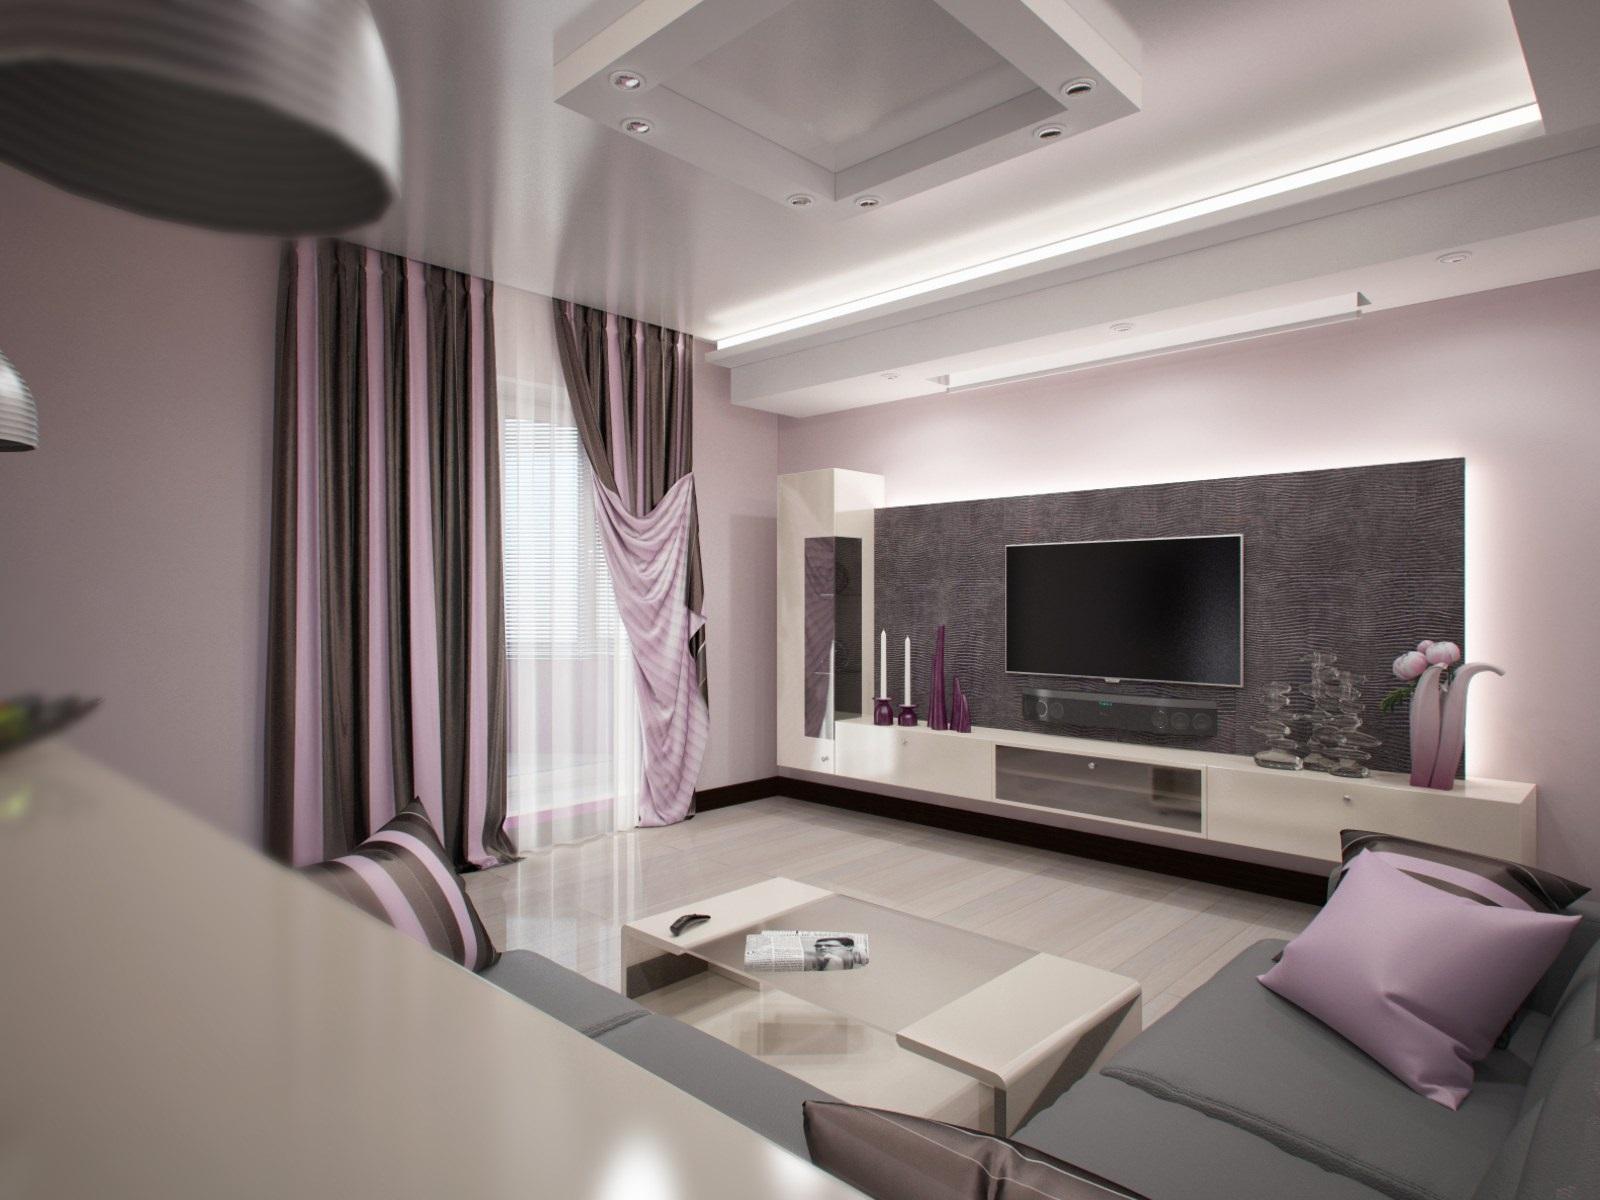 neparastas dzīvojamās istabas interjera piemērs 16 kv.m.